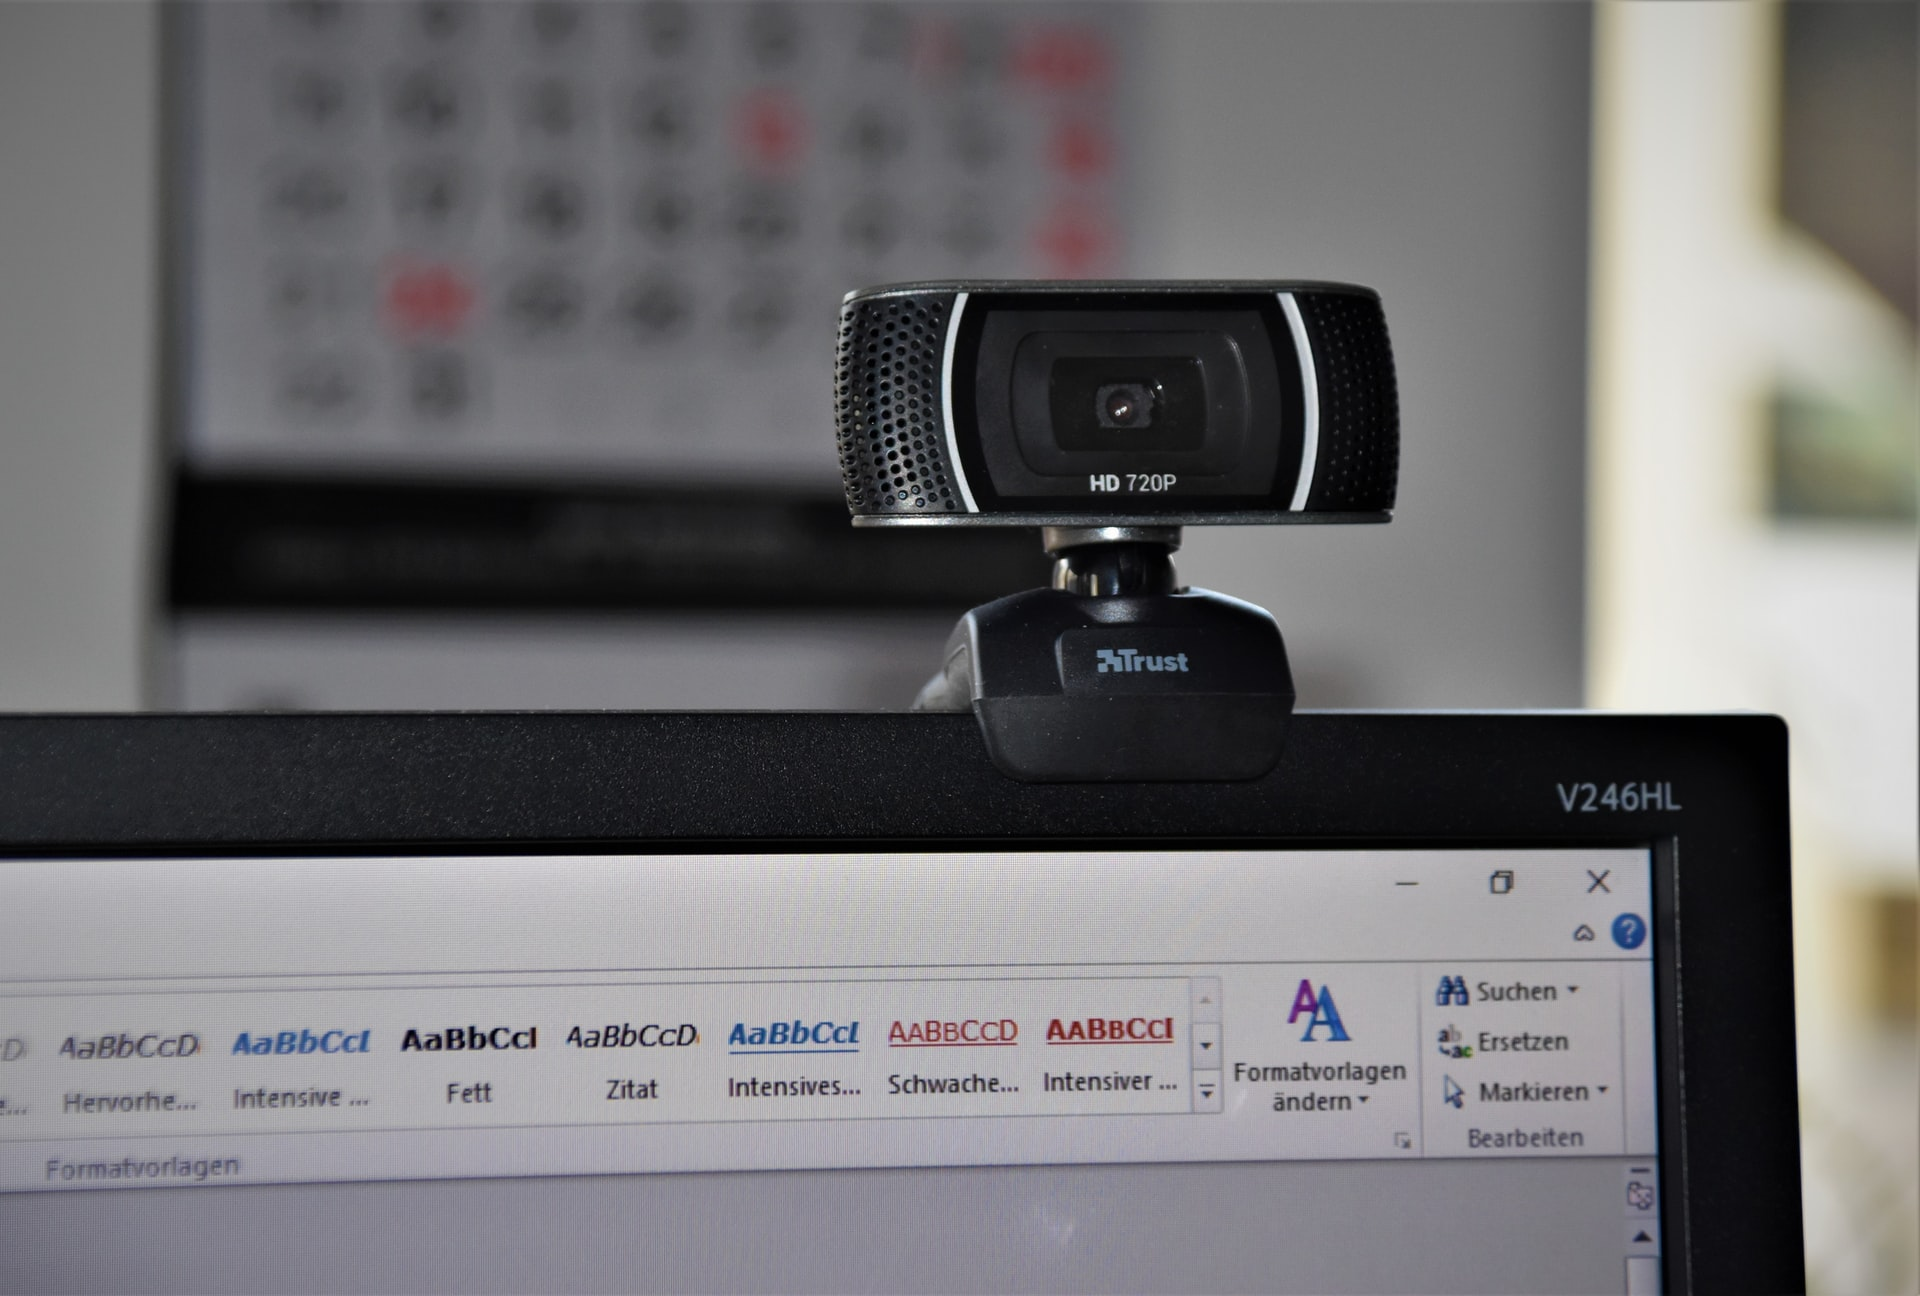 menggunakan smartphone sebagai webcam